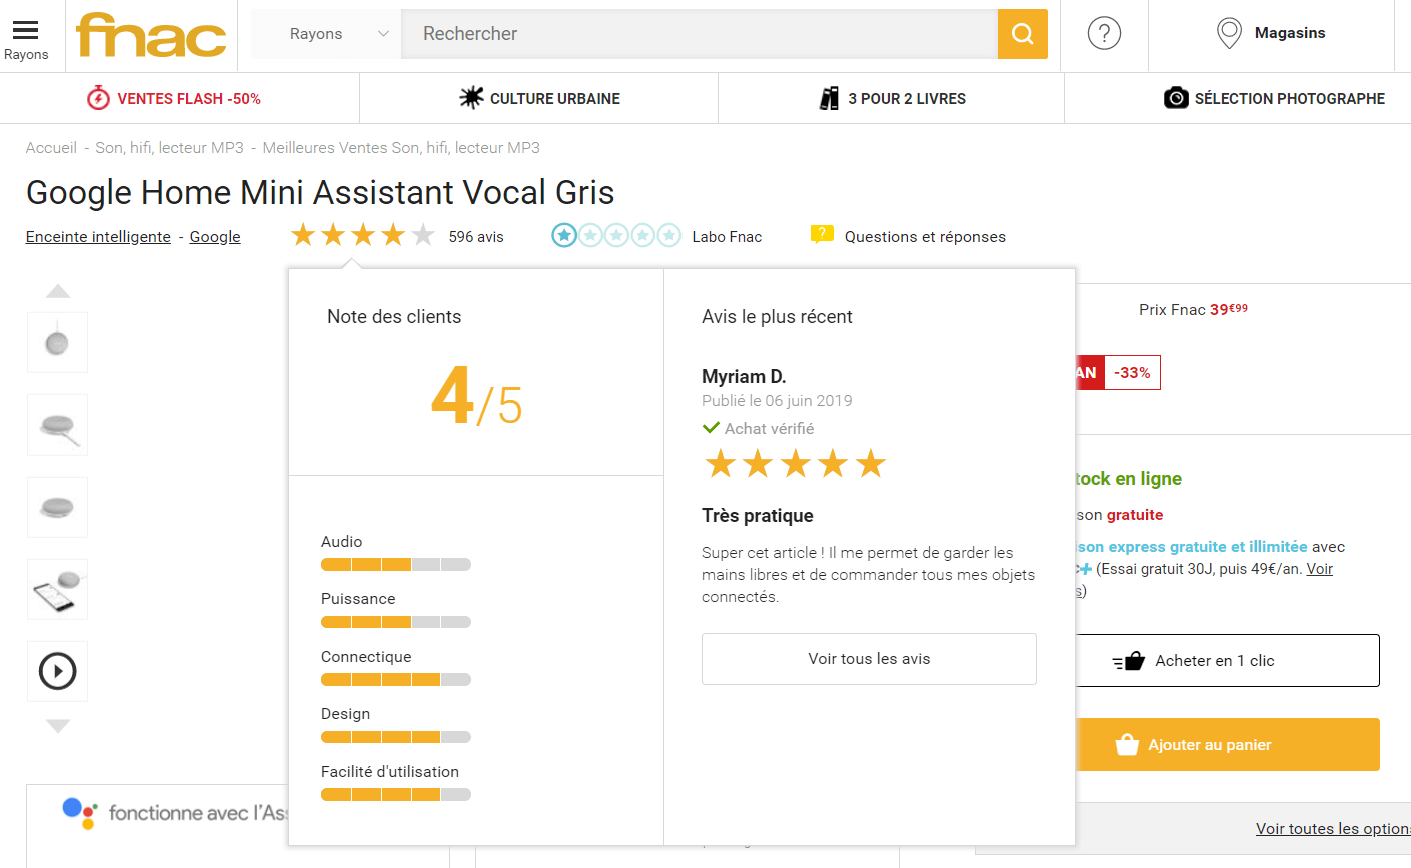 exemple avis clients Fnac pour la Google Home 2